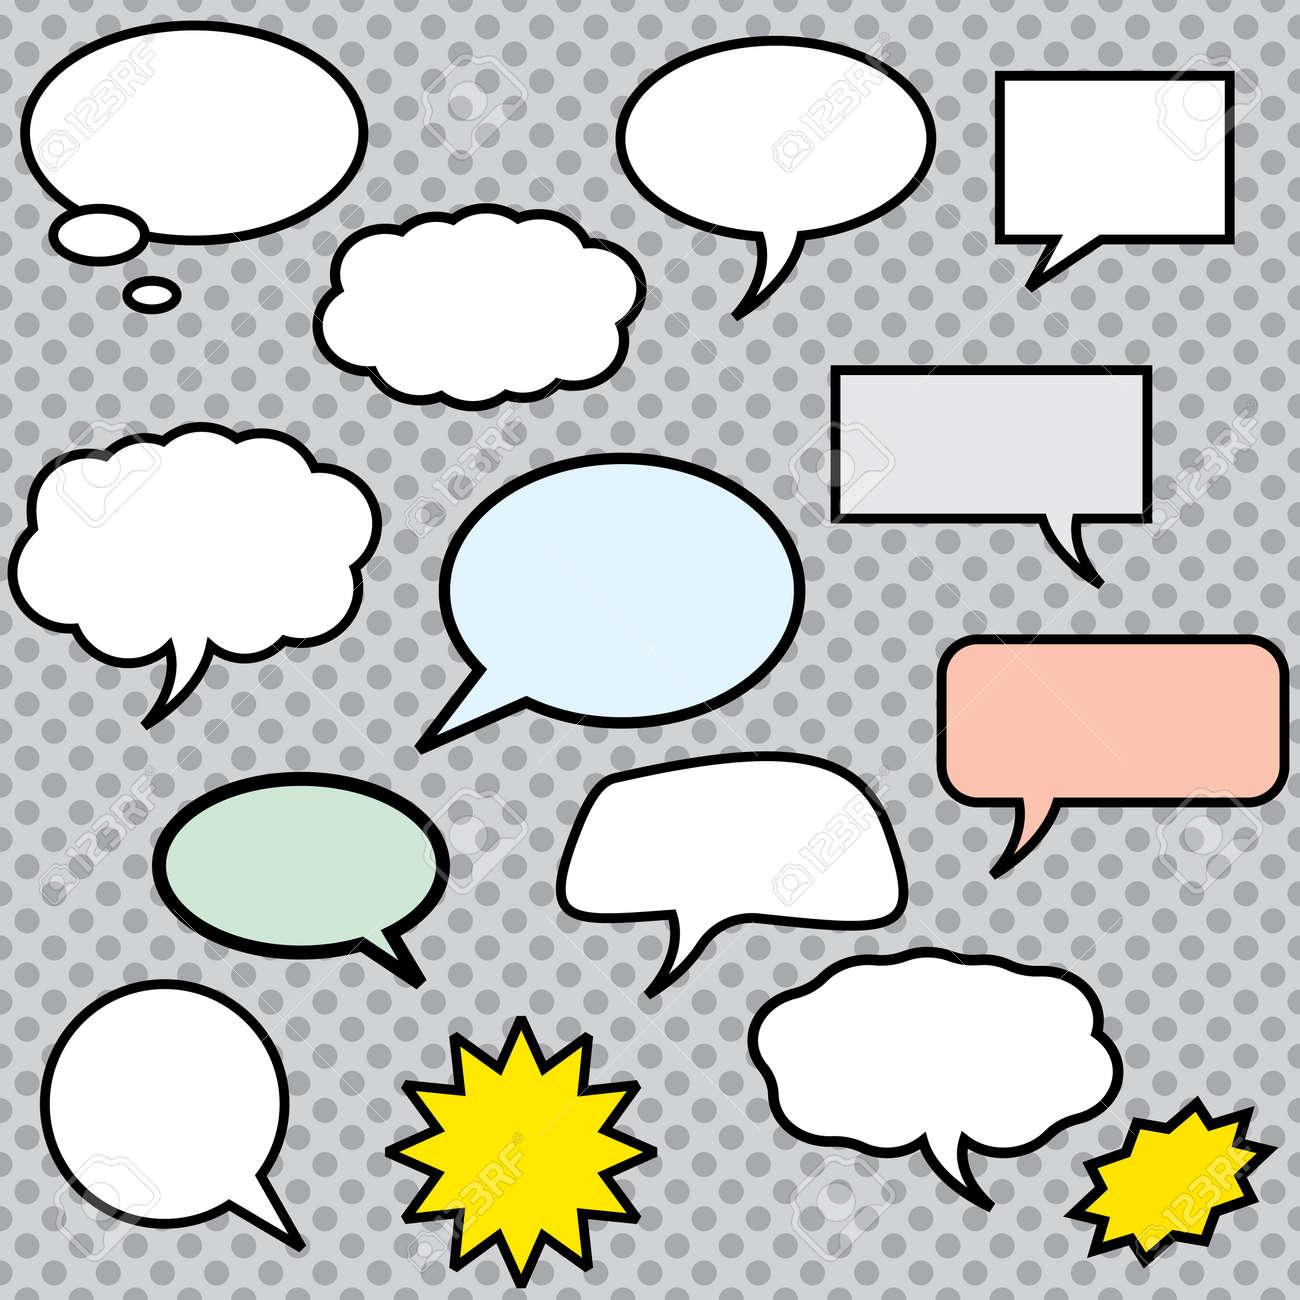 Vector comics speech bubbles illustration - 53564593